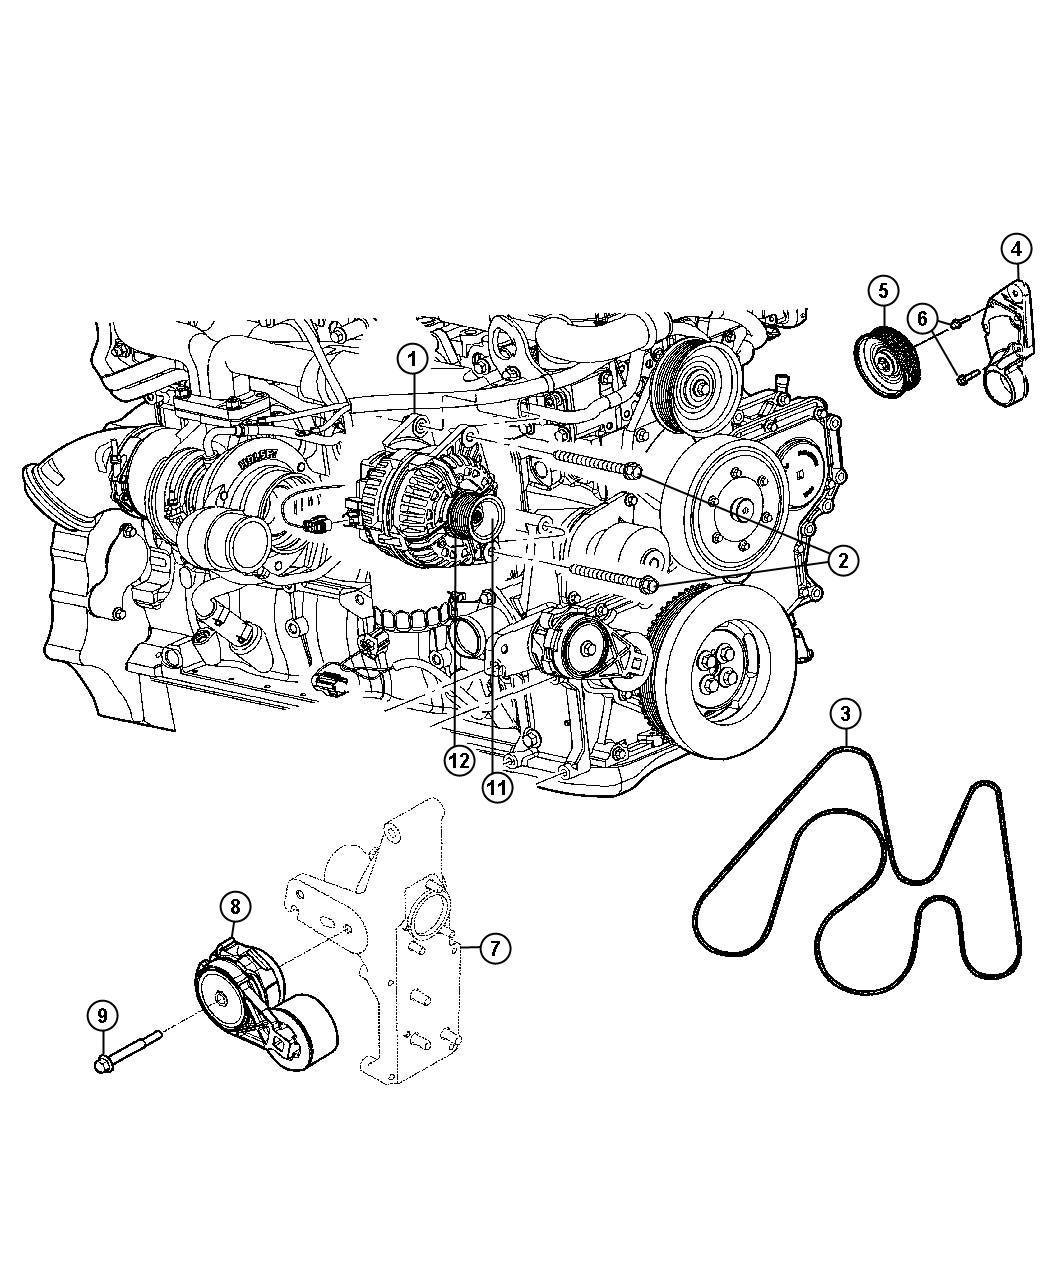 G56 Manual Transmission Diagram  2008 Dodge Ram 3500 Shaft